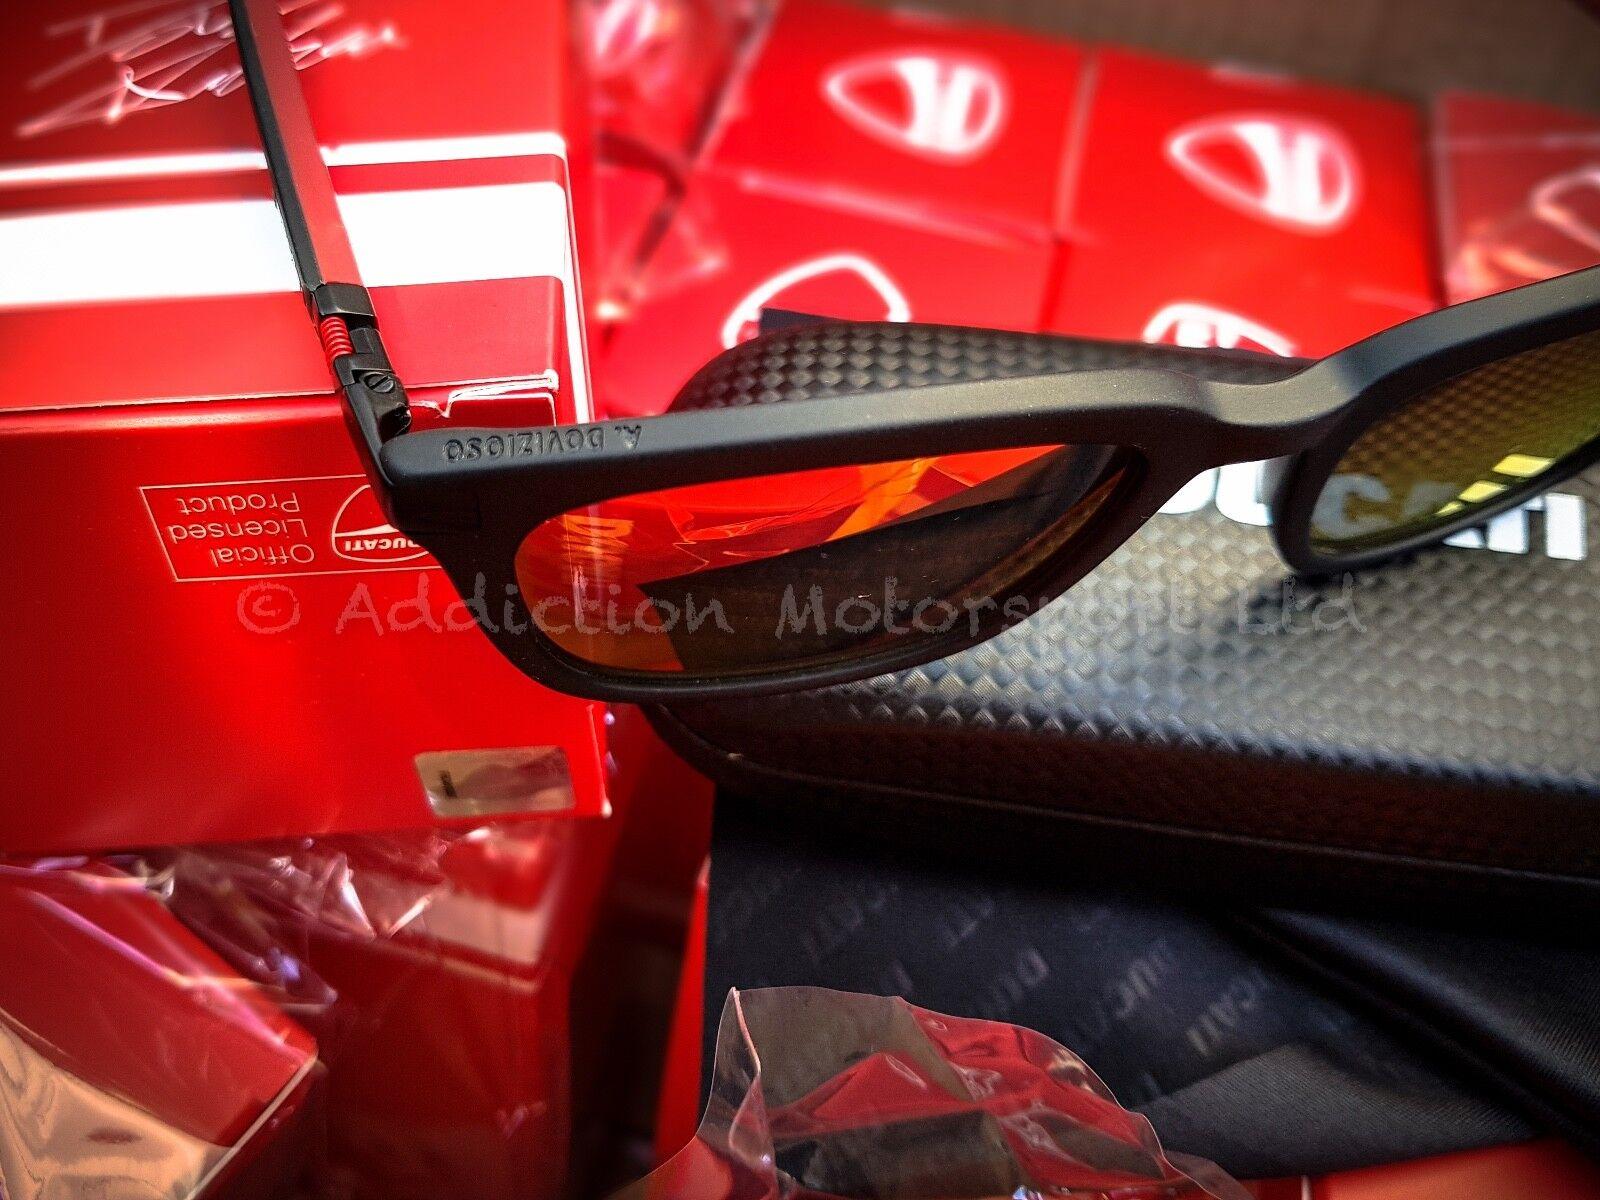 39a805938c Ducati Andrea Dovizioso Signature Sunglasses DA900100252 MotoGP